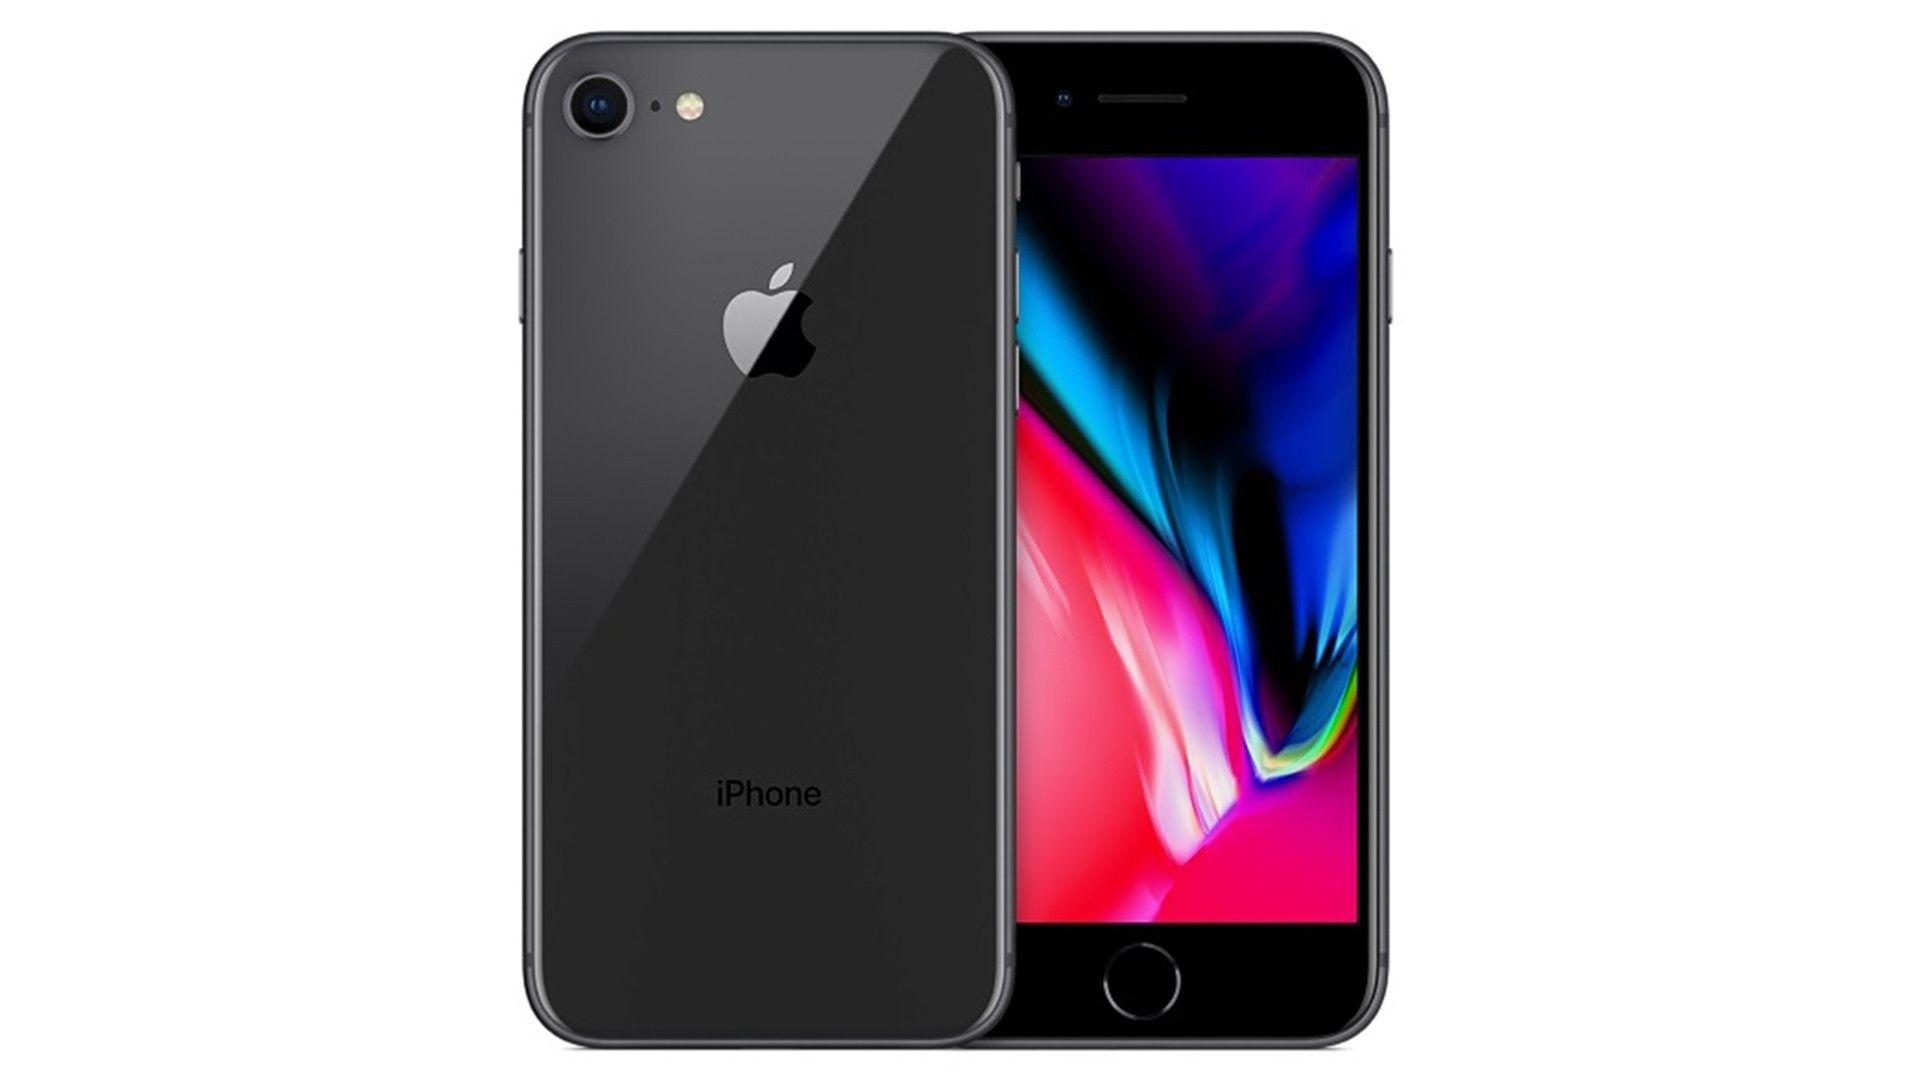 Odświeżona wersja iPhone'a 8 ma się pojawić w 2020 roku